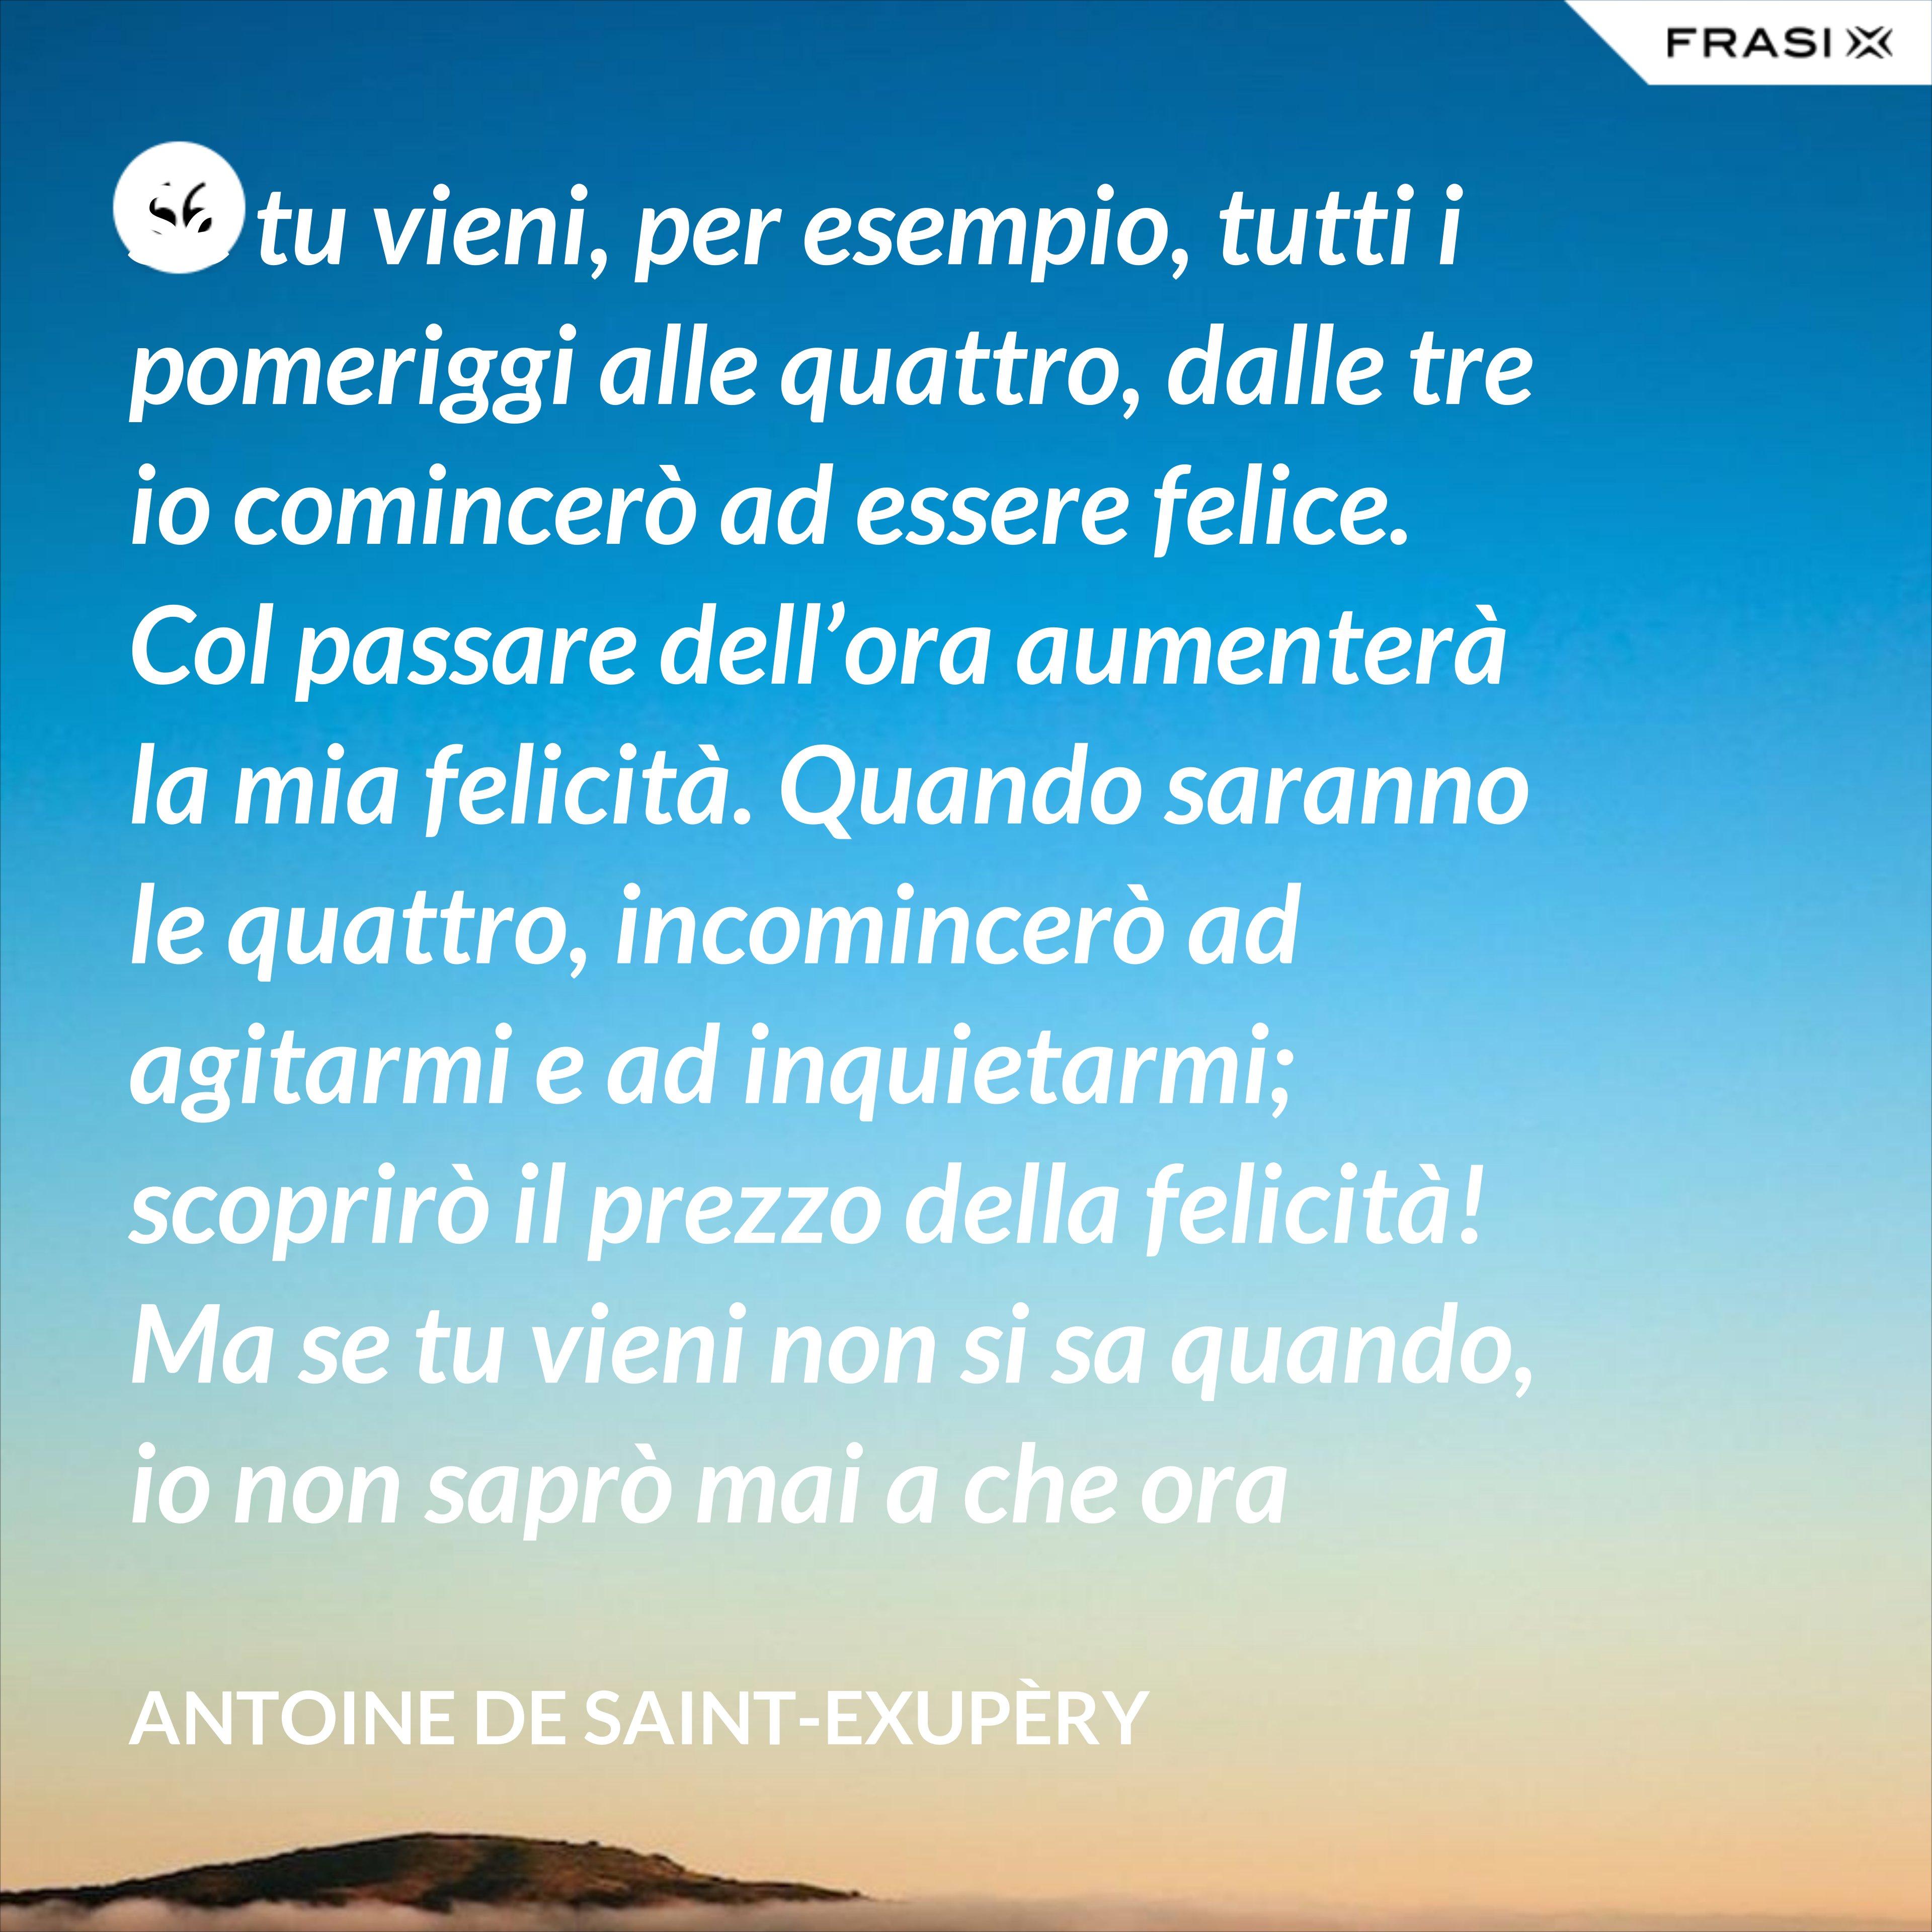 Se tu vieni, per esempio, tutti i pomeriggi alle quattro, dalle tre io comincerò ad essere felice. Col passare dell'ora aumenterà la mia felicità. Quando saranno le quattro, incomincerò ad agitarmi e ad inquietarmi; scoprirò il prezzo della felicità! Ma se tu vieni non si sa quando, io non saprò mai a che ora prepararmi il cuore. - Antoine de Saint-Exupèry